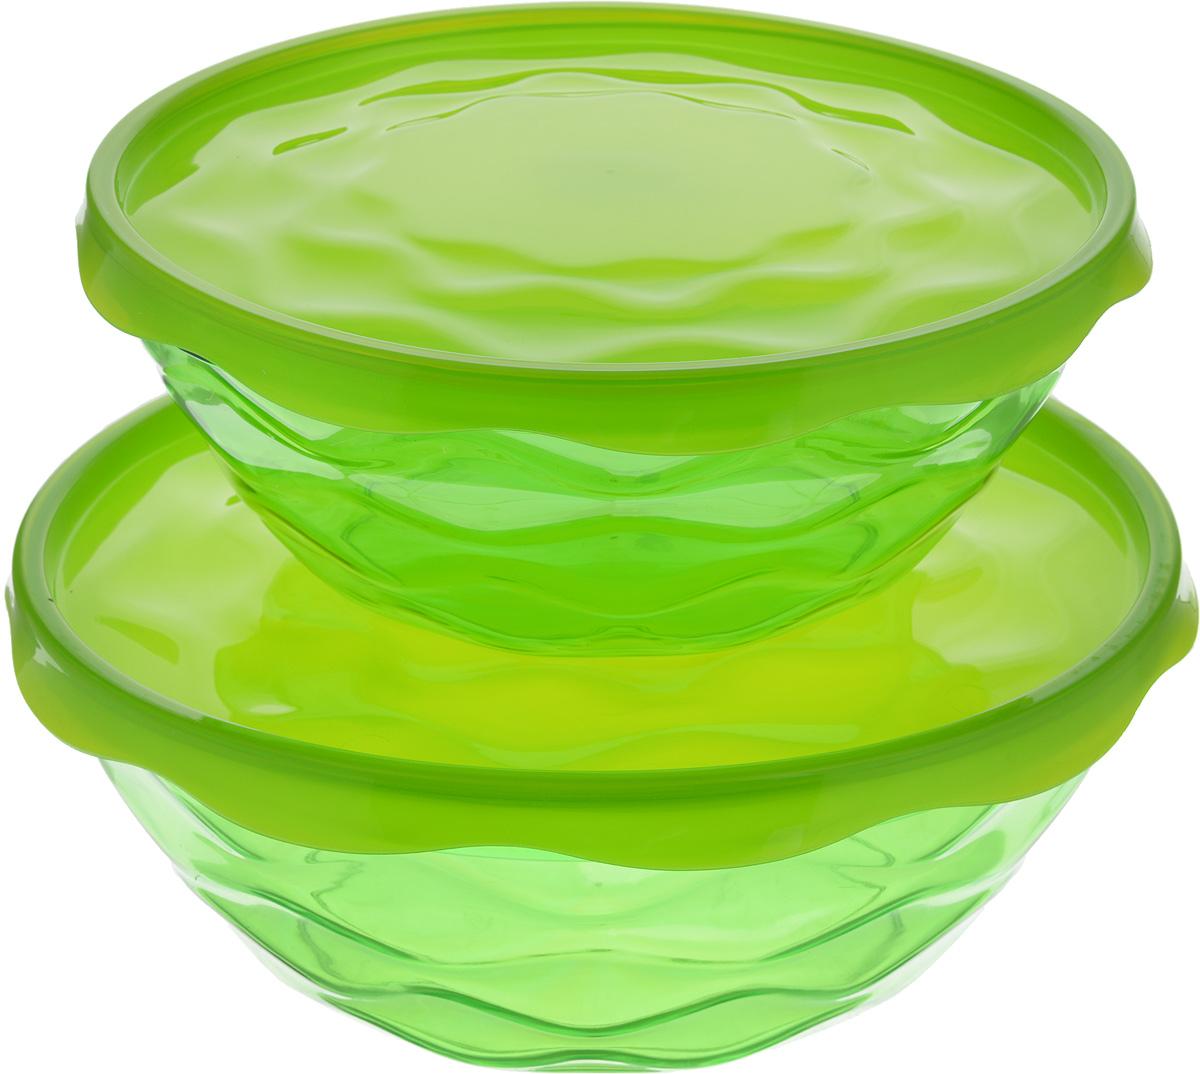 Набор салатников Giaretti Riva, с крышками, цвет: зеленый, 2 штGR1837_зеленыйНабор Giaretti Riva, состоящий из двух салатников разного объема с плотно закрывающимися крышками, сочетает в себе изысканный дизайн с максимальной функциональностью. Салатники выполнены из высококачественного пластика. Такой набор прекрасно подходит как для хранения продуктов в холодильнике, так и для сервировки стола. Можно мыть в посудомоечной машине. Объем салатников: 2,5 л; 4 л. Диаметр салатников (по верхнему краю): 23 см; 27 см. Высота стенок салатников: 8,5 см; 10 см. Диаметр крышек: 24,3 см; 28,3 см.